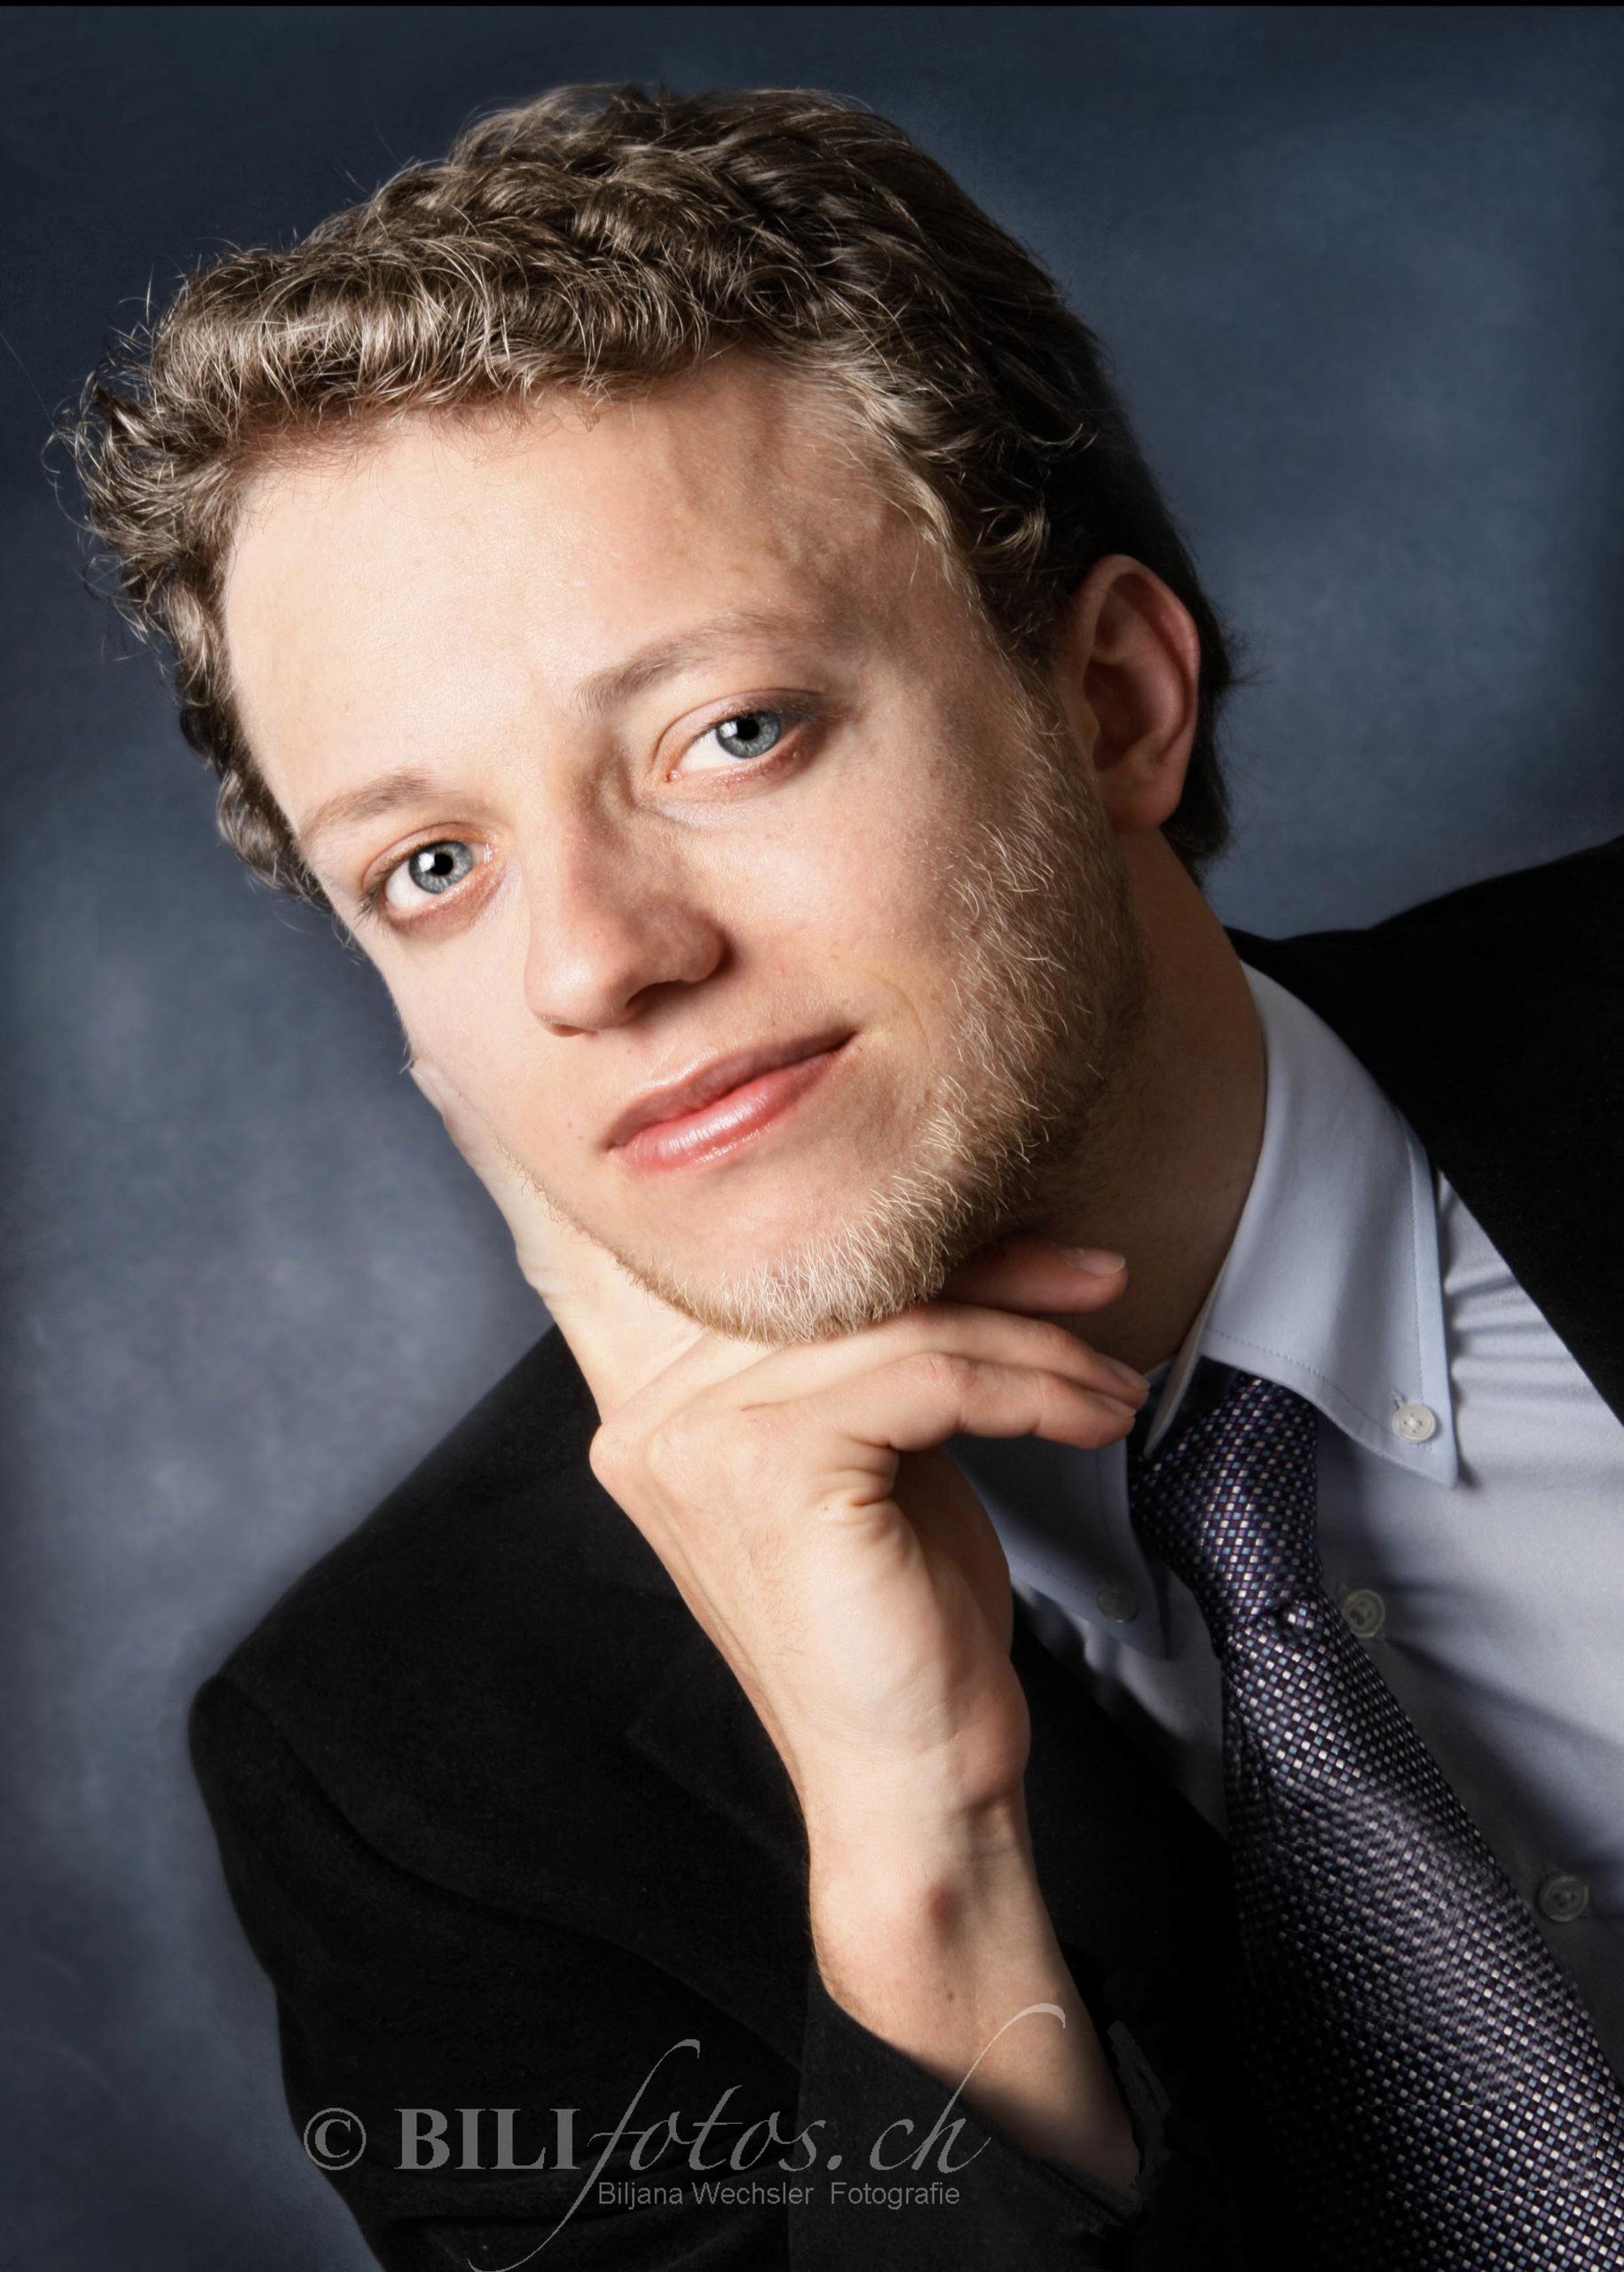 Nachher Bewerbungsfoto Anwalt inkl MakeUp & Haarstyling